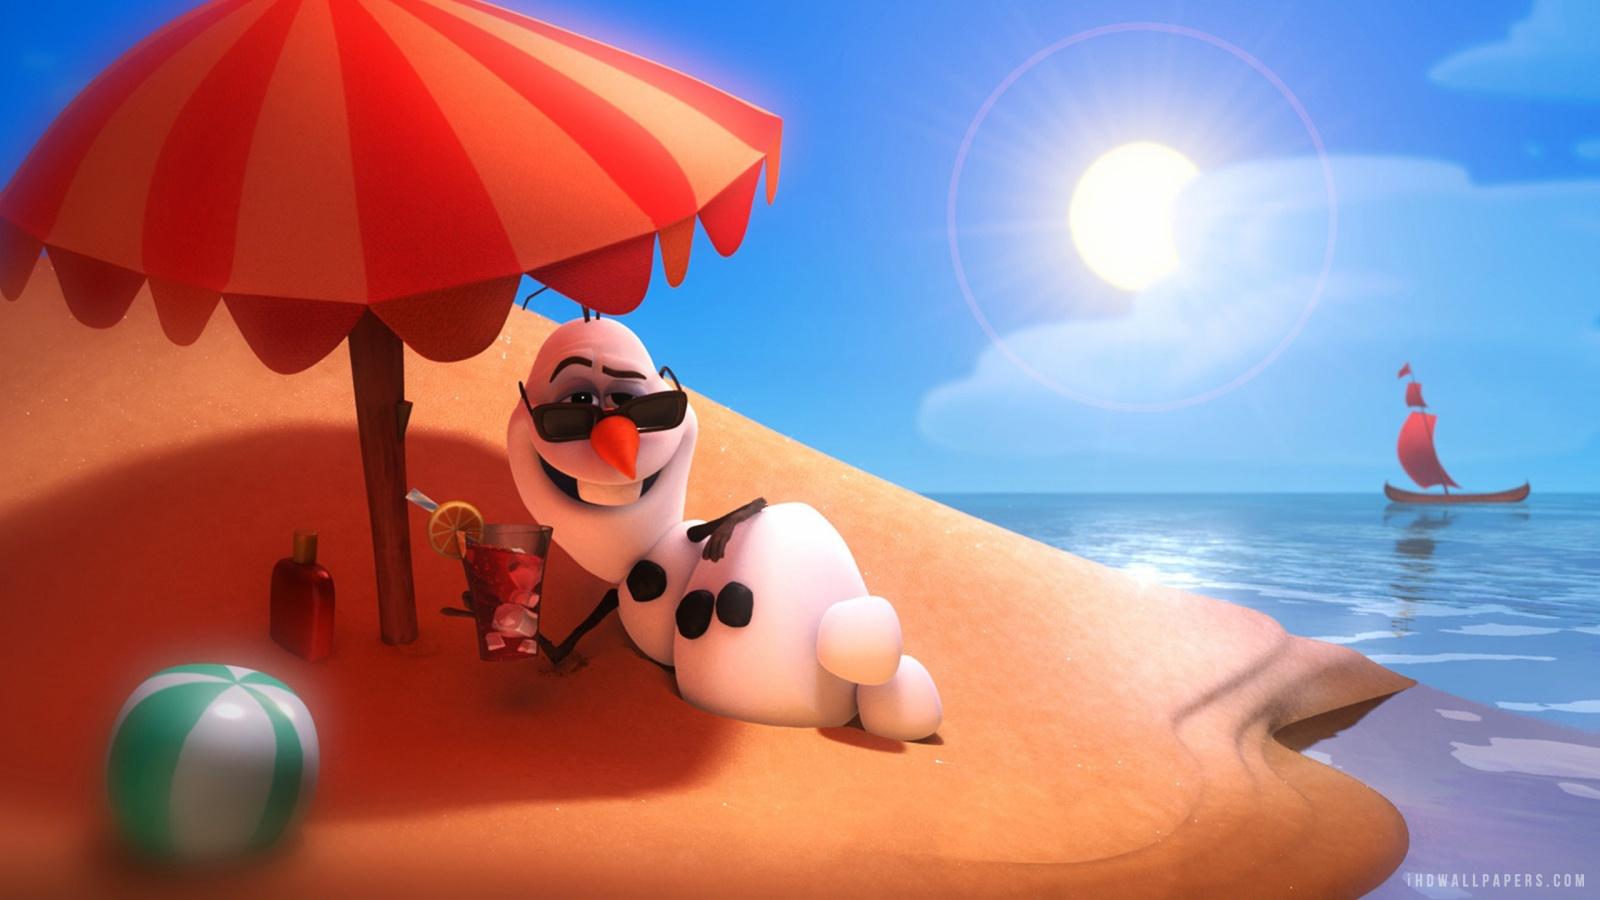 Disney Frozen Olaf Wallpaper 1600x900